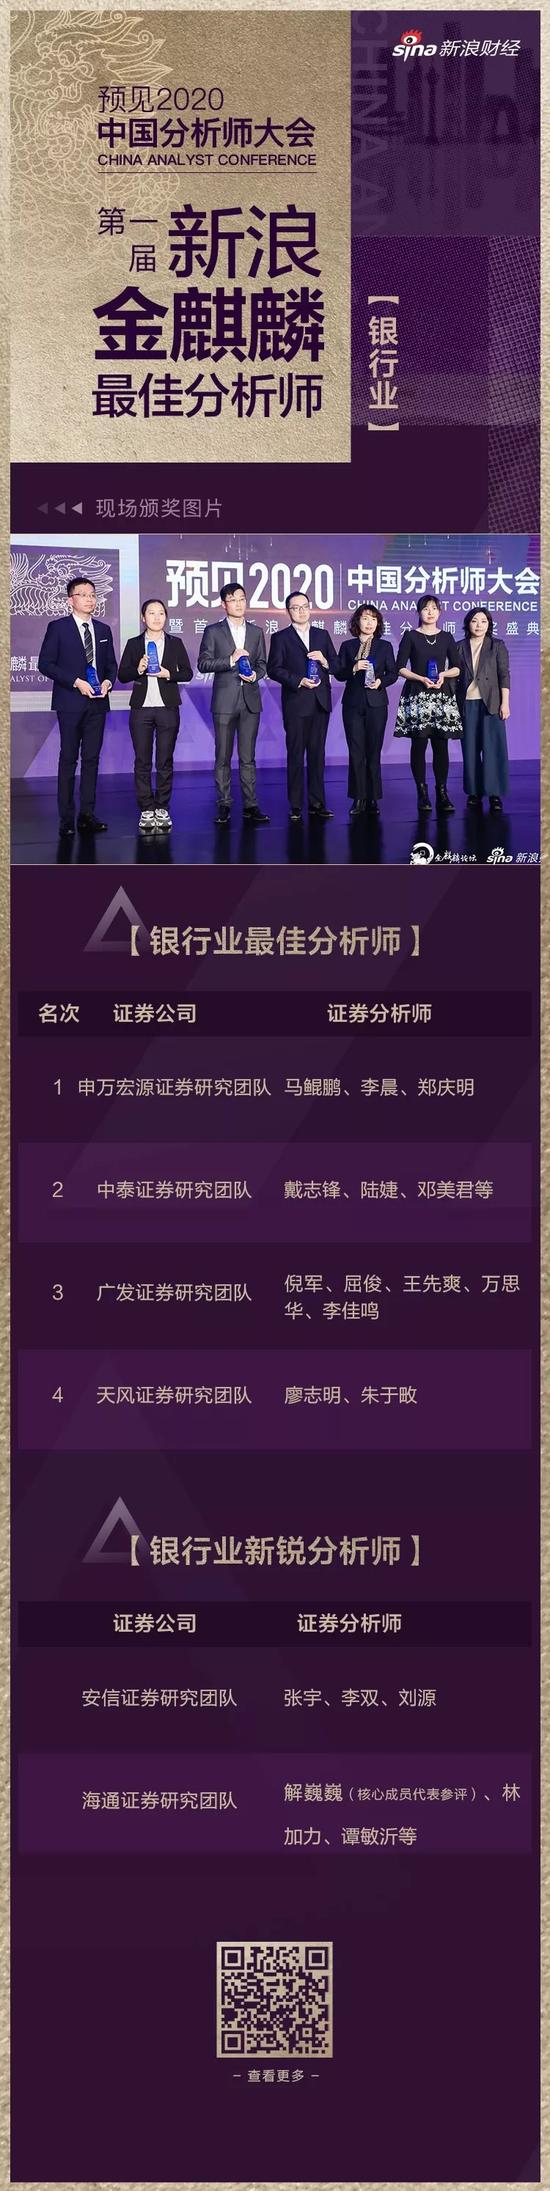 「易玩通娱乐平台注册」国象世团赛中国男队战胜俄罗斯 李超成功臣